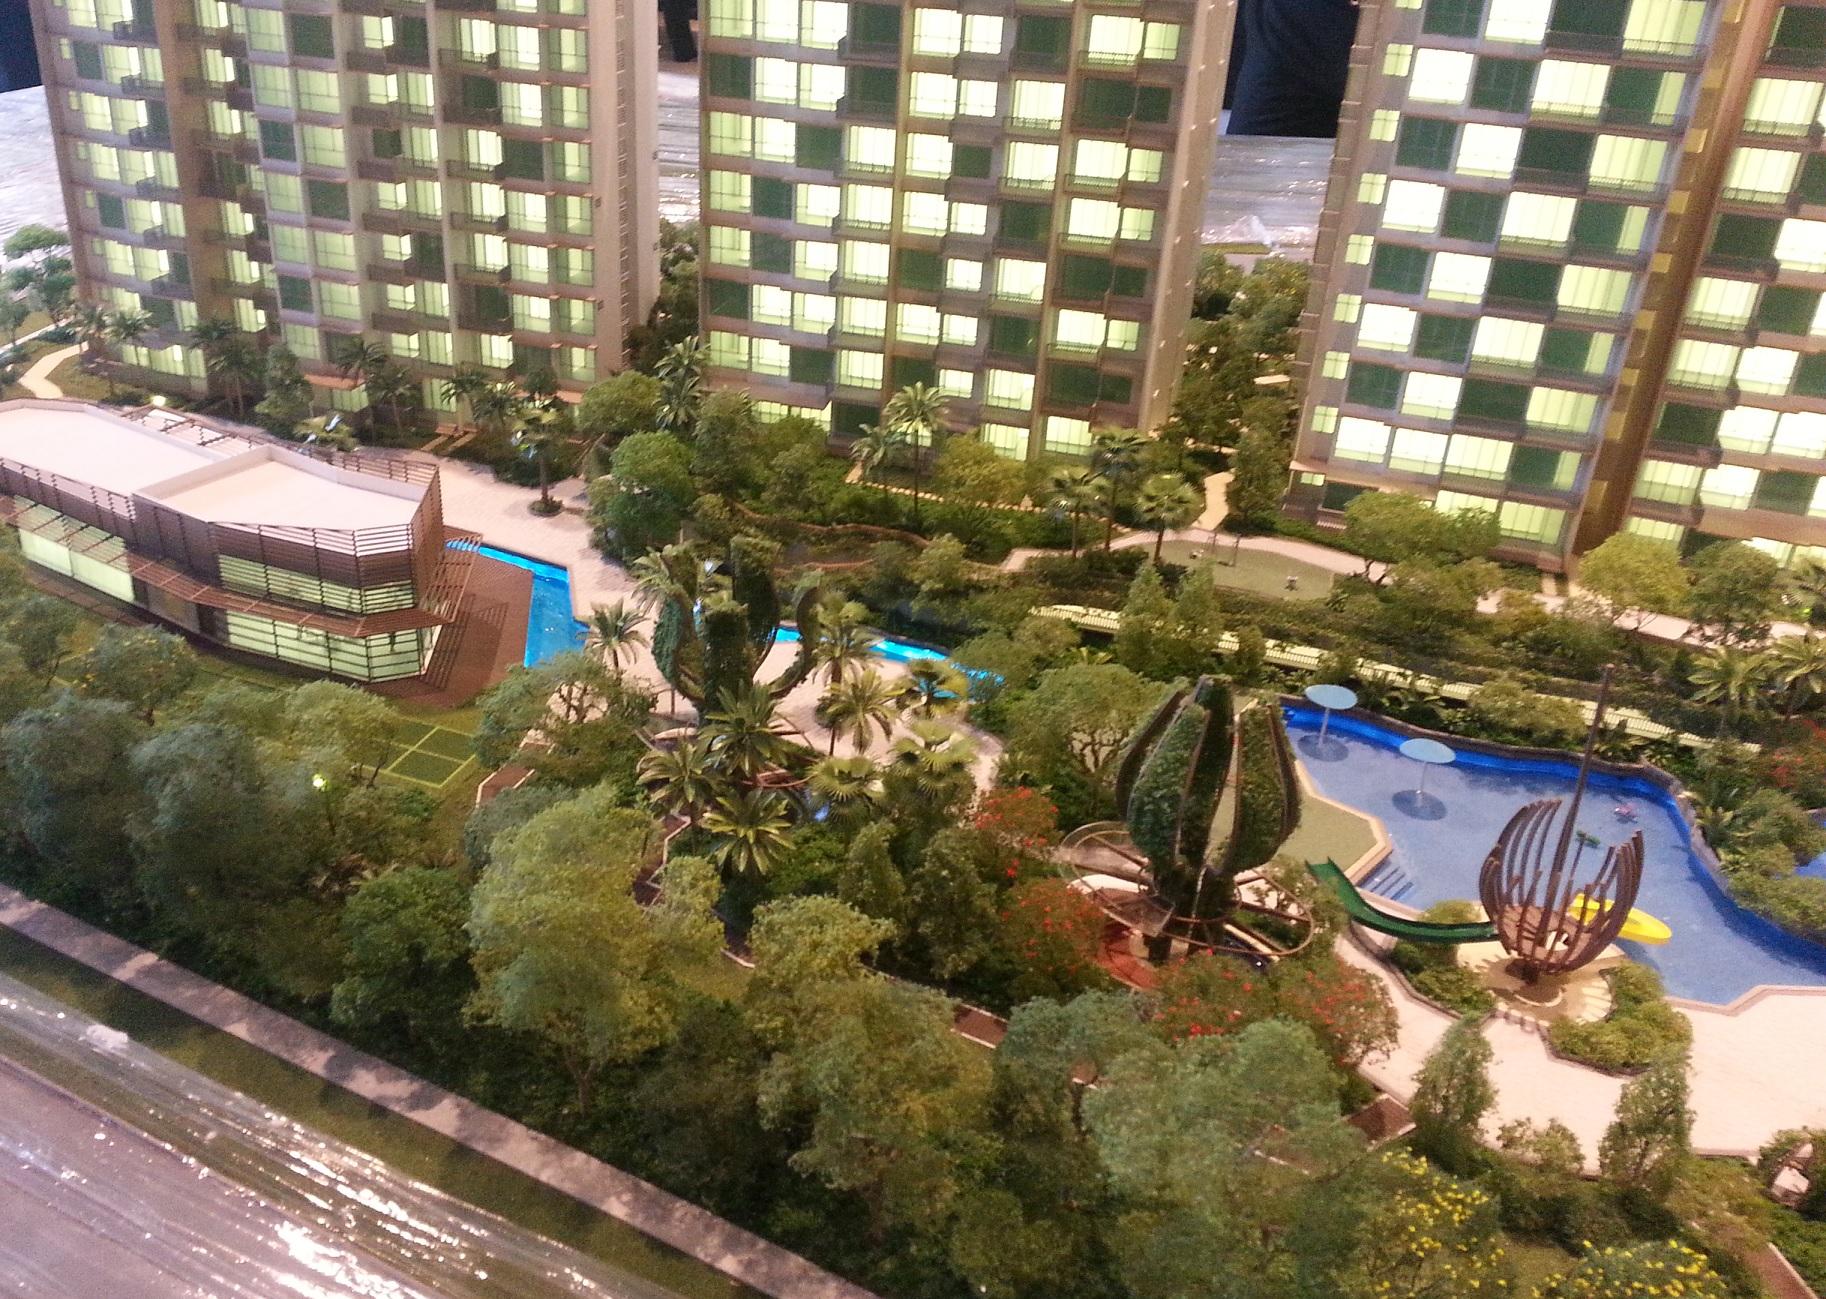 Condo facilities perspective 2